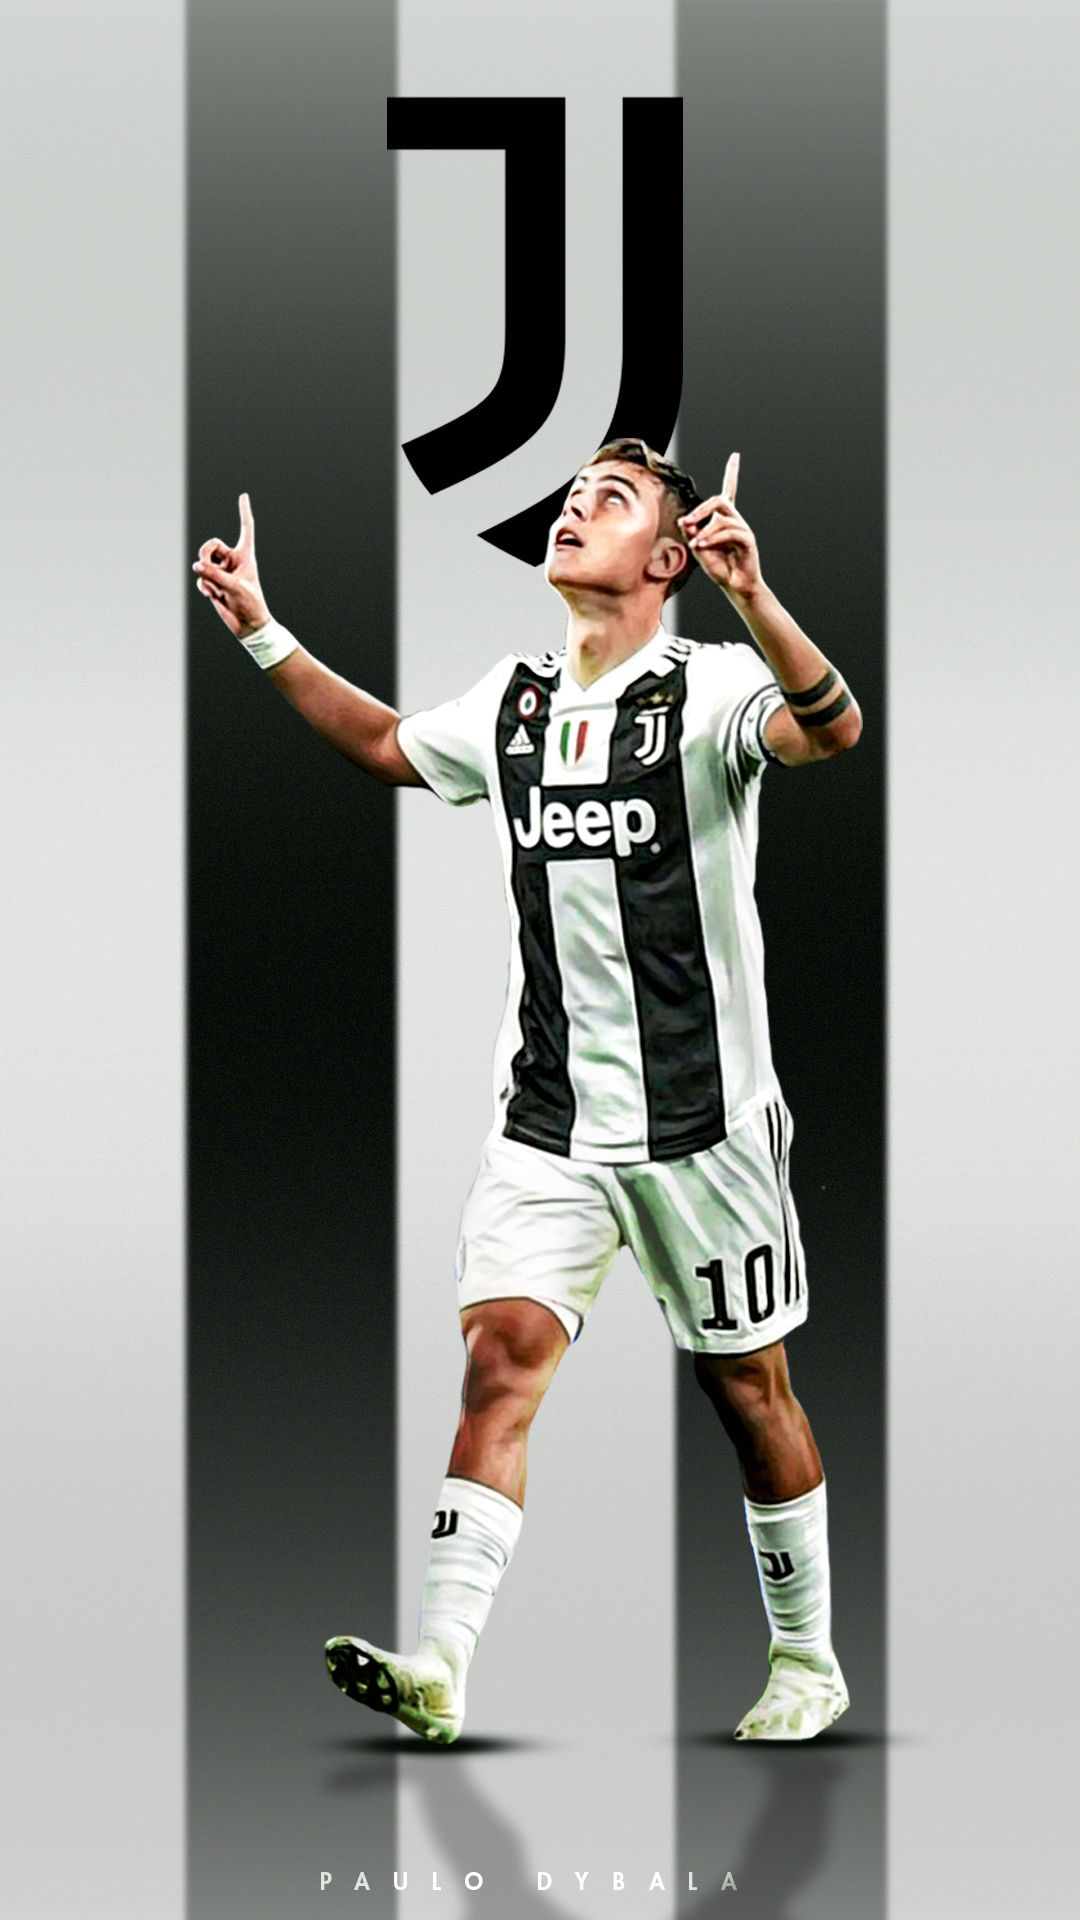 Paulo Dybala Juventus Juventus Wallpapers Football Photography Juventus